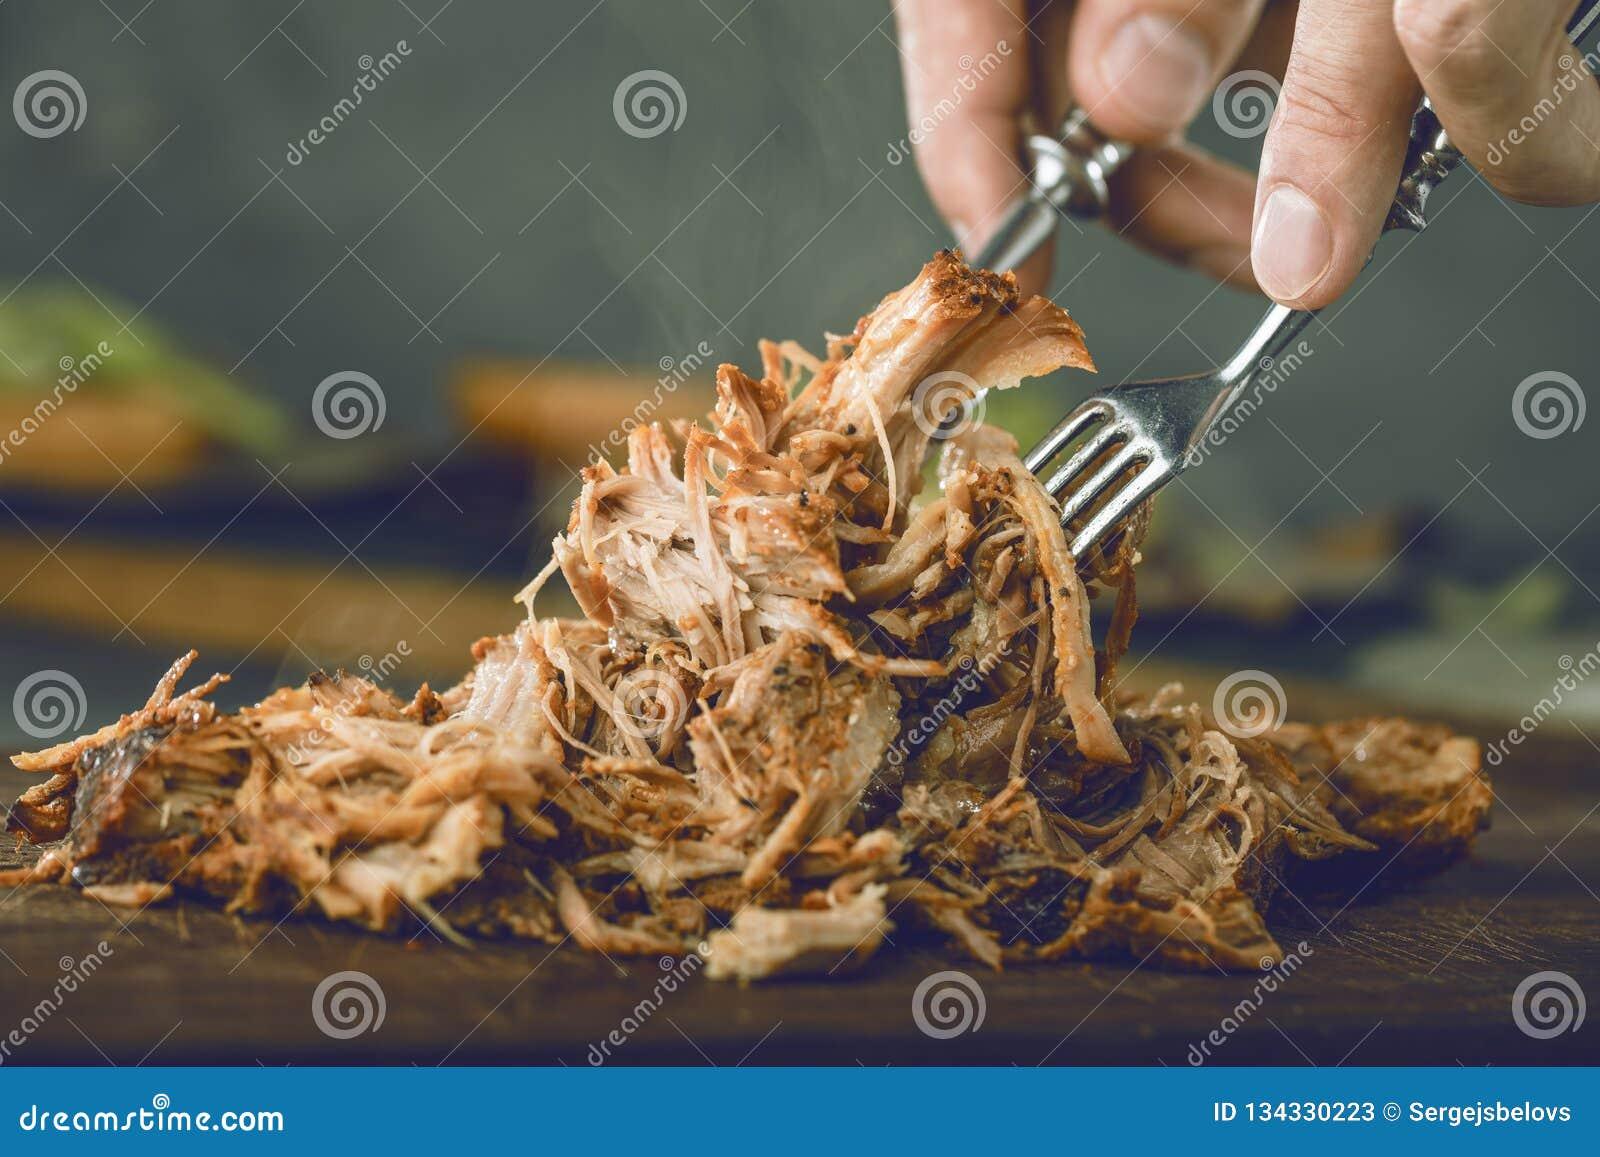 Het huis maakte getrokken varkensvlees klaar om worden gegeten